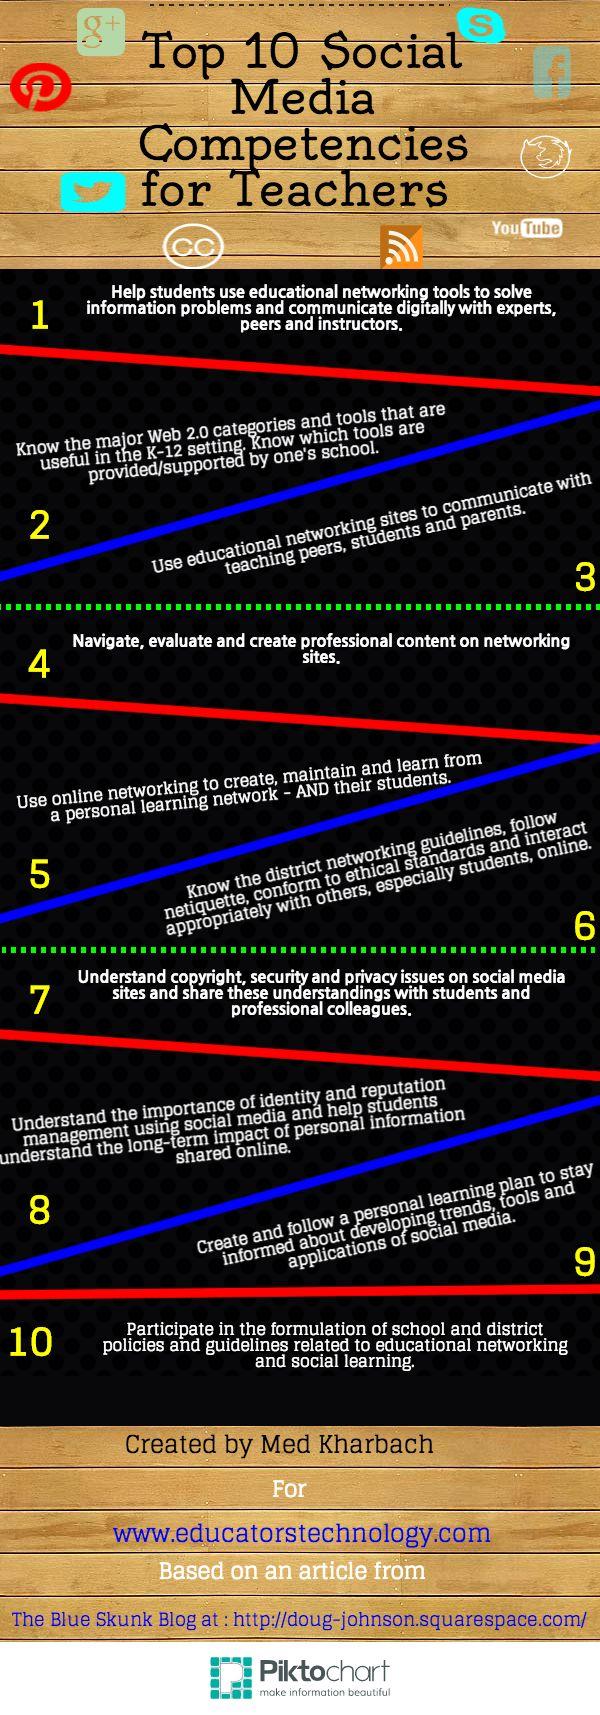 10 Key Social Media Skills for Teachers